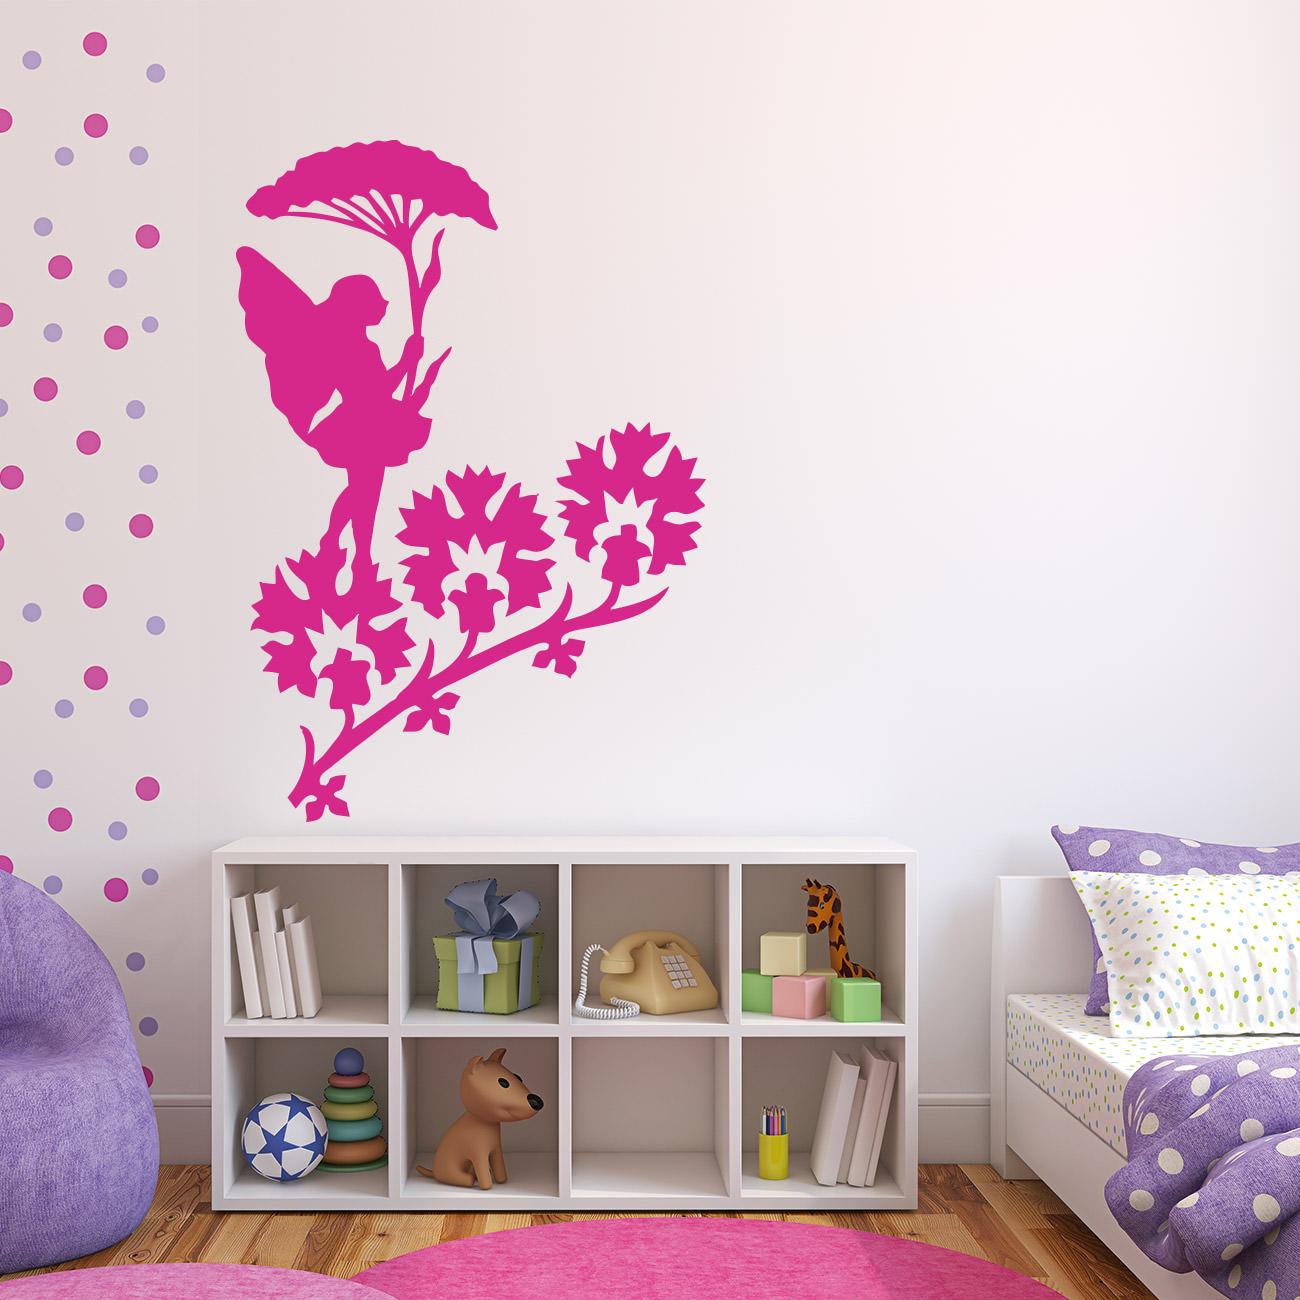 fee mit blumenschirm f r wohnzimmer kinderzimmer wandtattoo sunnywall online shop. Black Bedroom Furniture Sets. Home Design Ideas